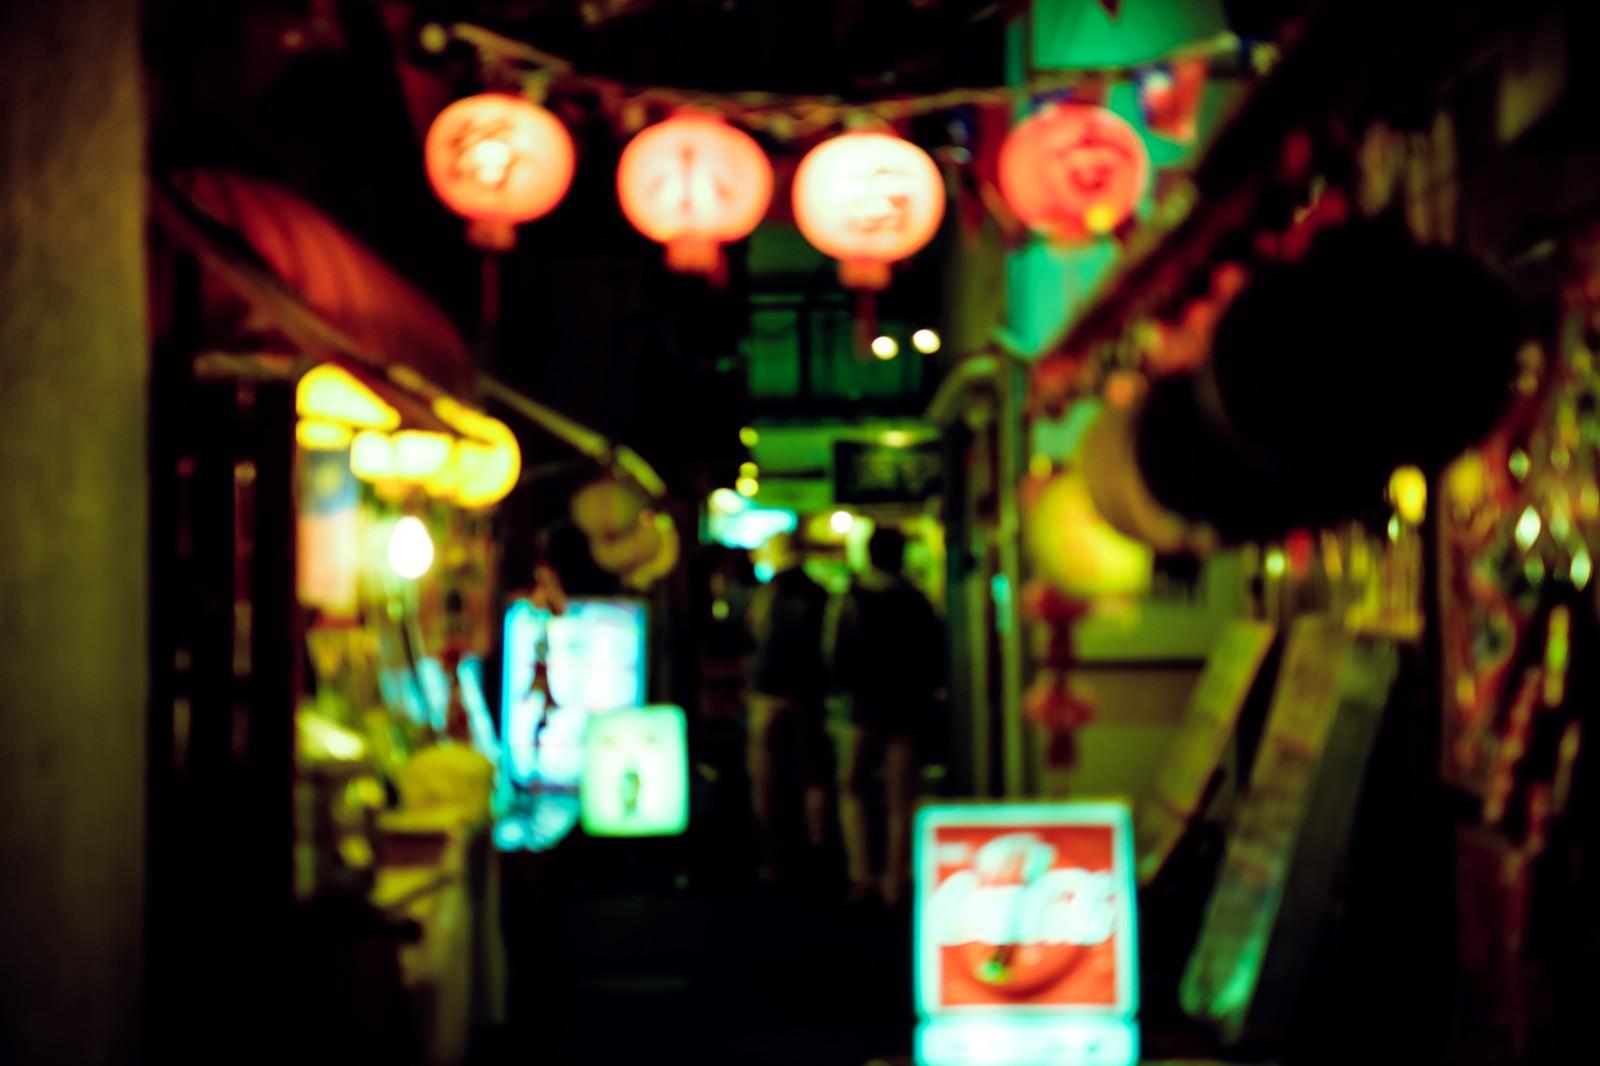 【熊本 帯山 月出】周辺の居酒屋!ハシゴ酒におすすめ10選